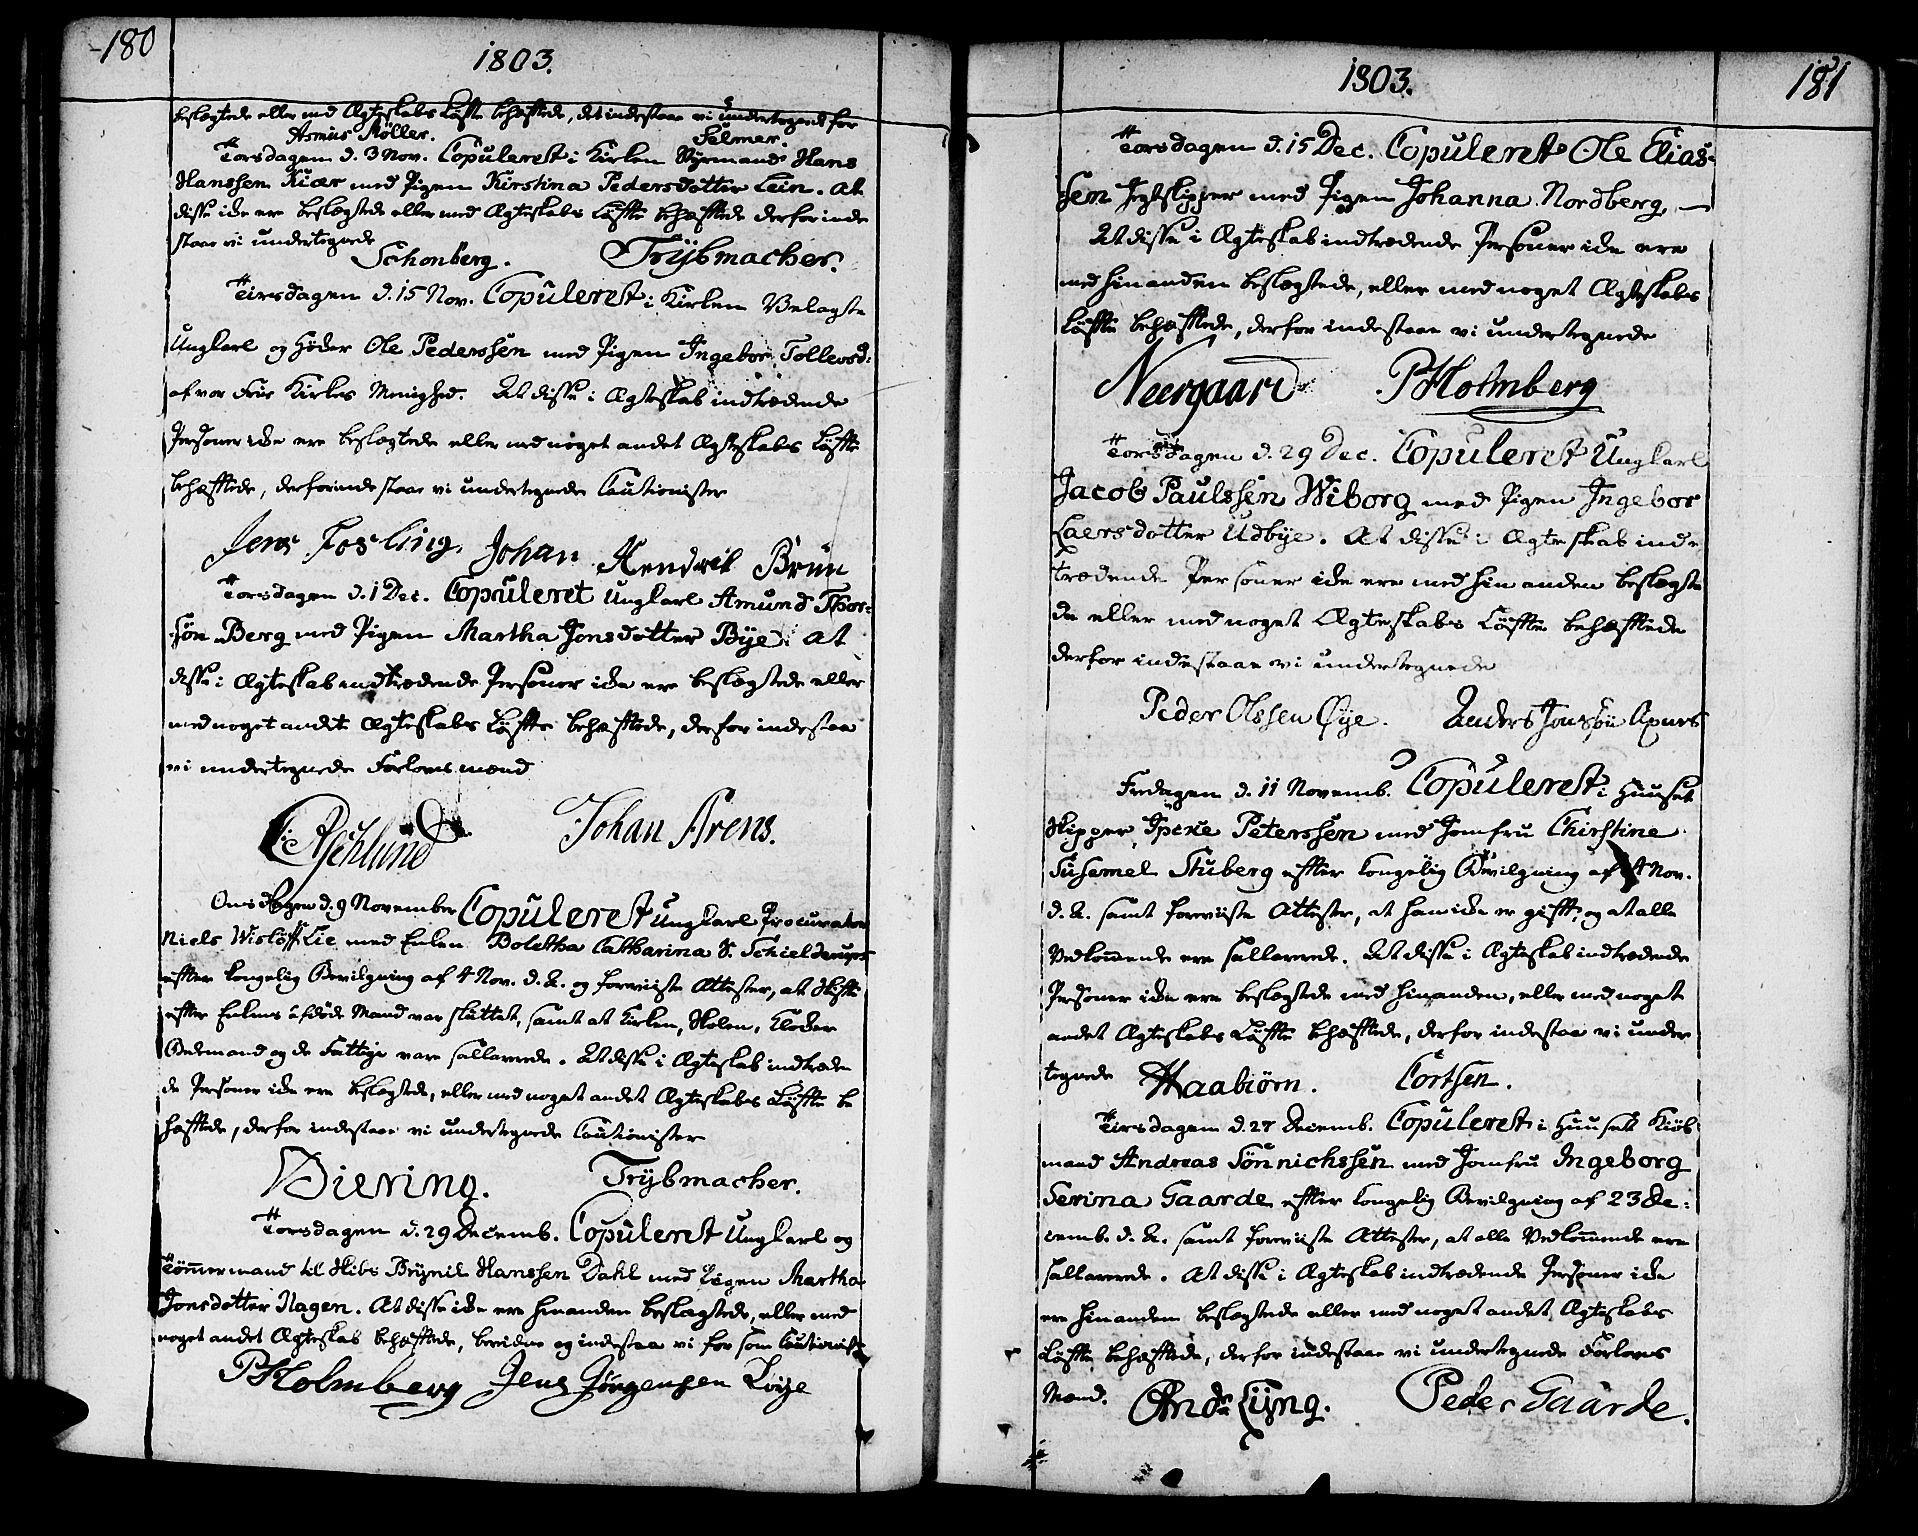 SAT, Ministerialprotokoller, klokkerbøker og fødselsregistre - Sør-Trøndelag, 602/L0105: Ministerialbok nr. 602A03, 1774-1814, s. 180-181